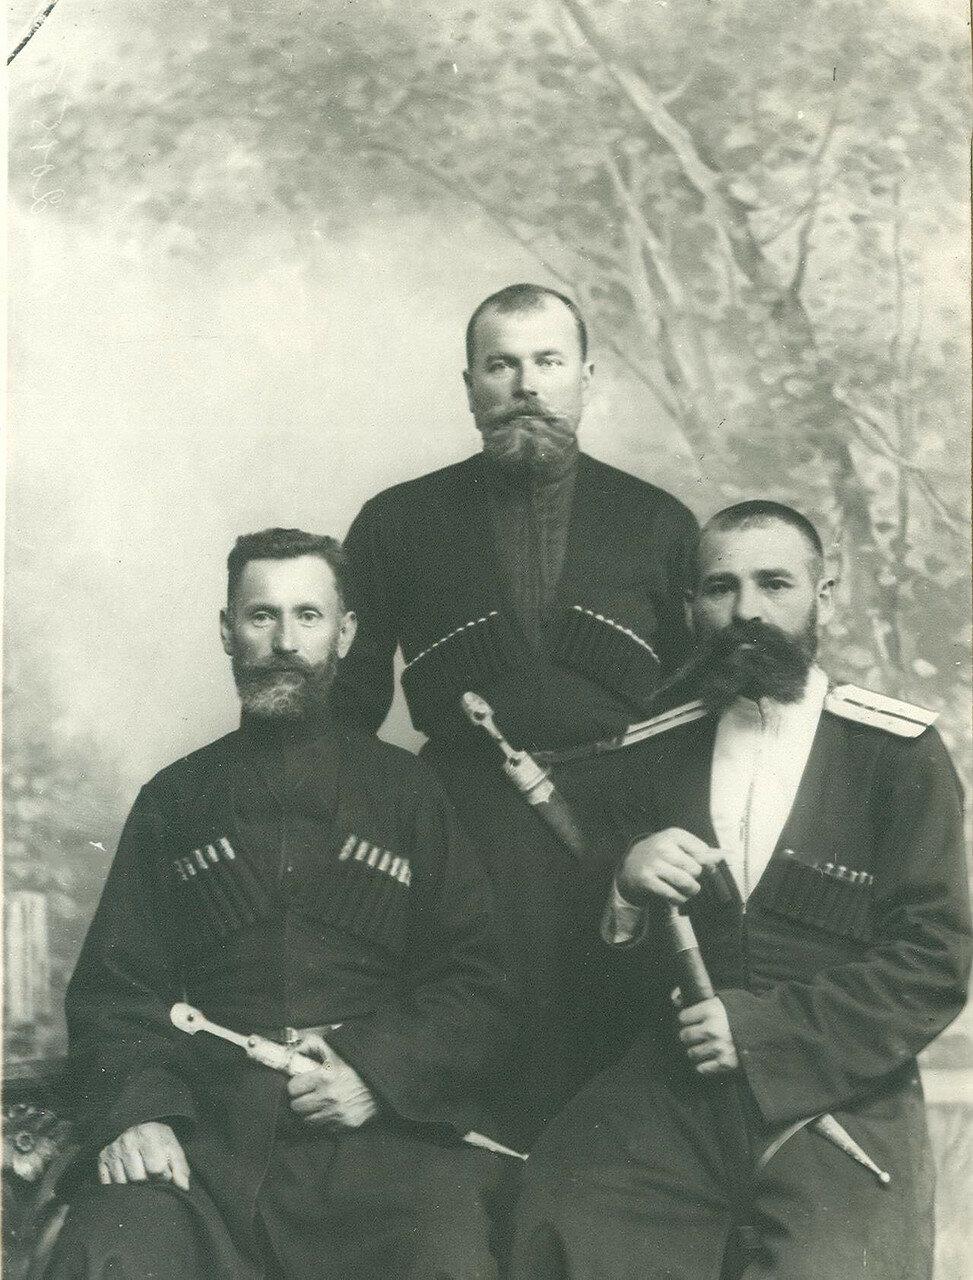 Группа депутатов Второй Государственной думы от Кубанской области. 1-й слева П.Г.Кудрявцев, 3-й К.Л.Барджи